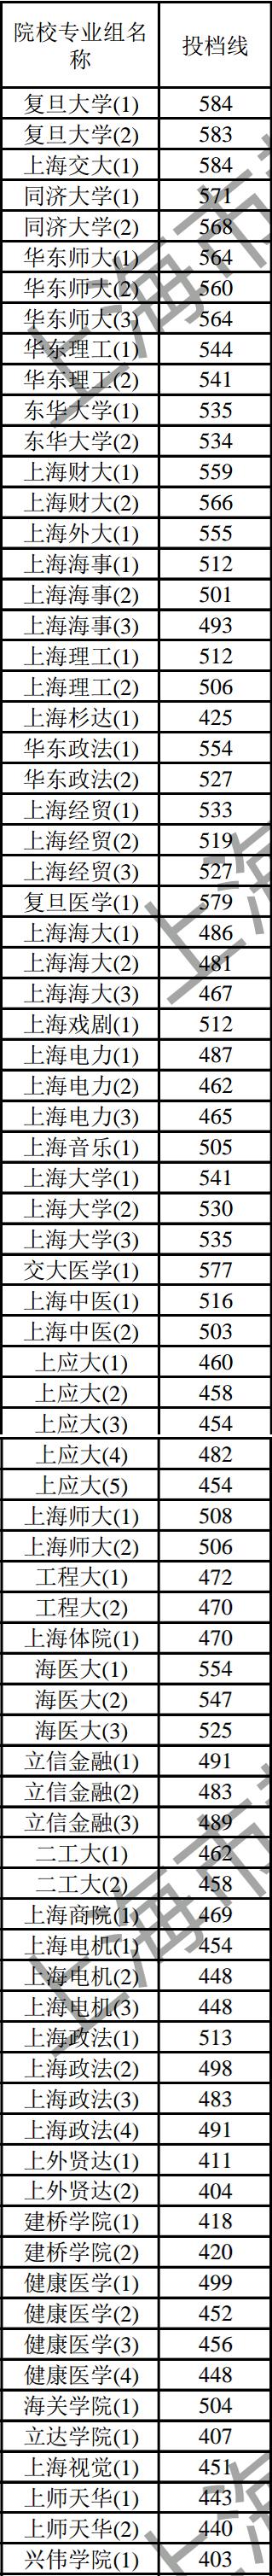 刚刚,沪本科普通批次平行志愿院校专业组投档分数线公布